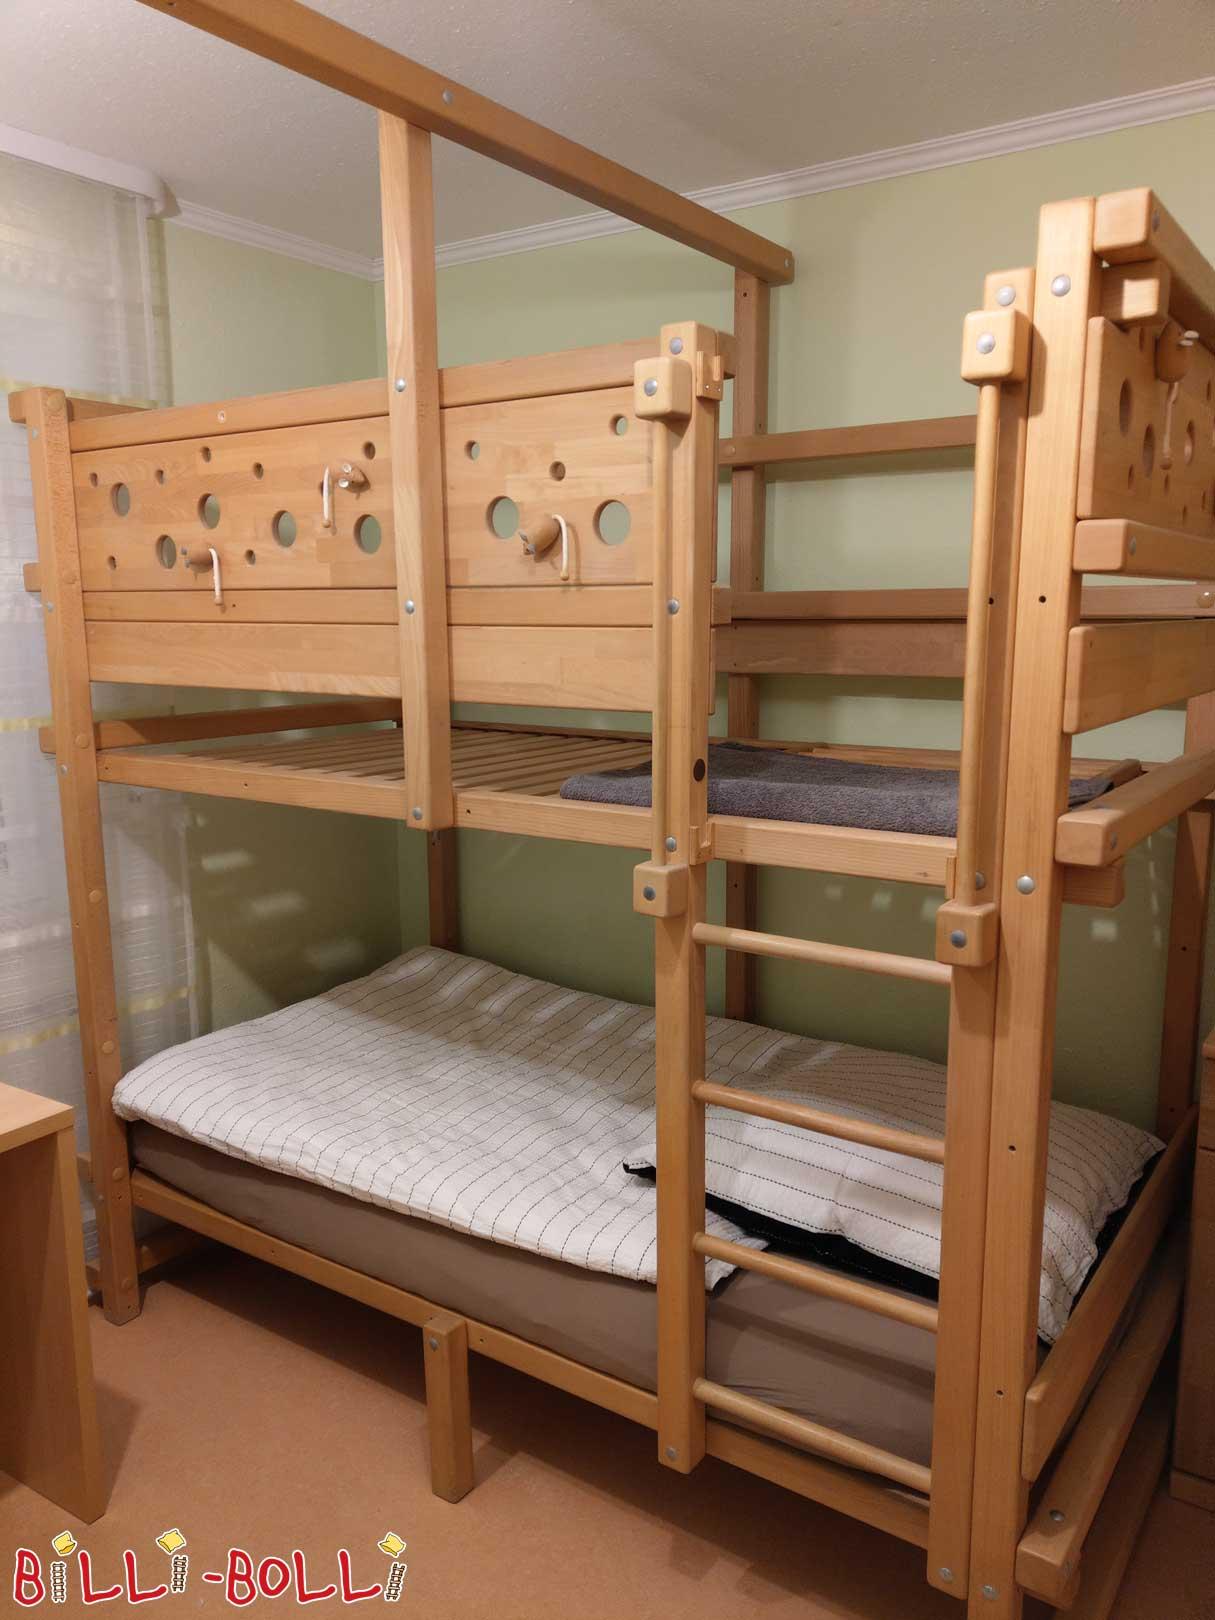 secondhand seite 18 billi bolli kinderm bel. Black Bedroom Furniture Sets. Home Design Ideas